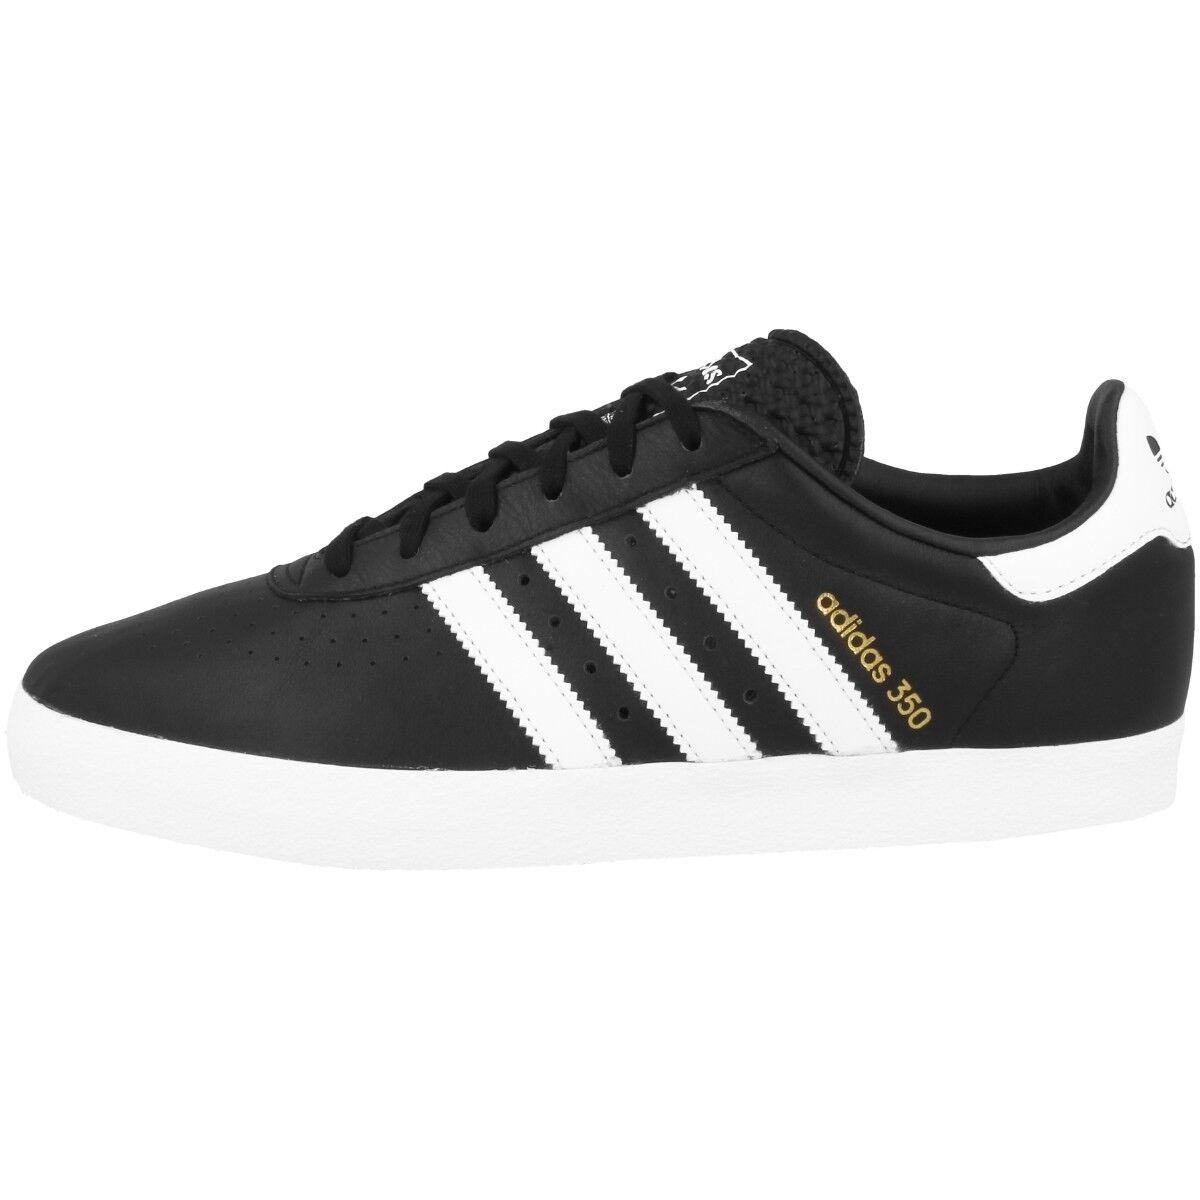 Adidas 350 Schuhe Originals Retro Freizeit Sport Turnschuhe schwarz Weiß CQ2779